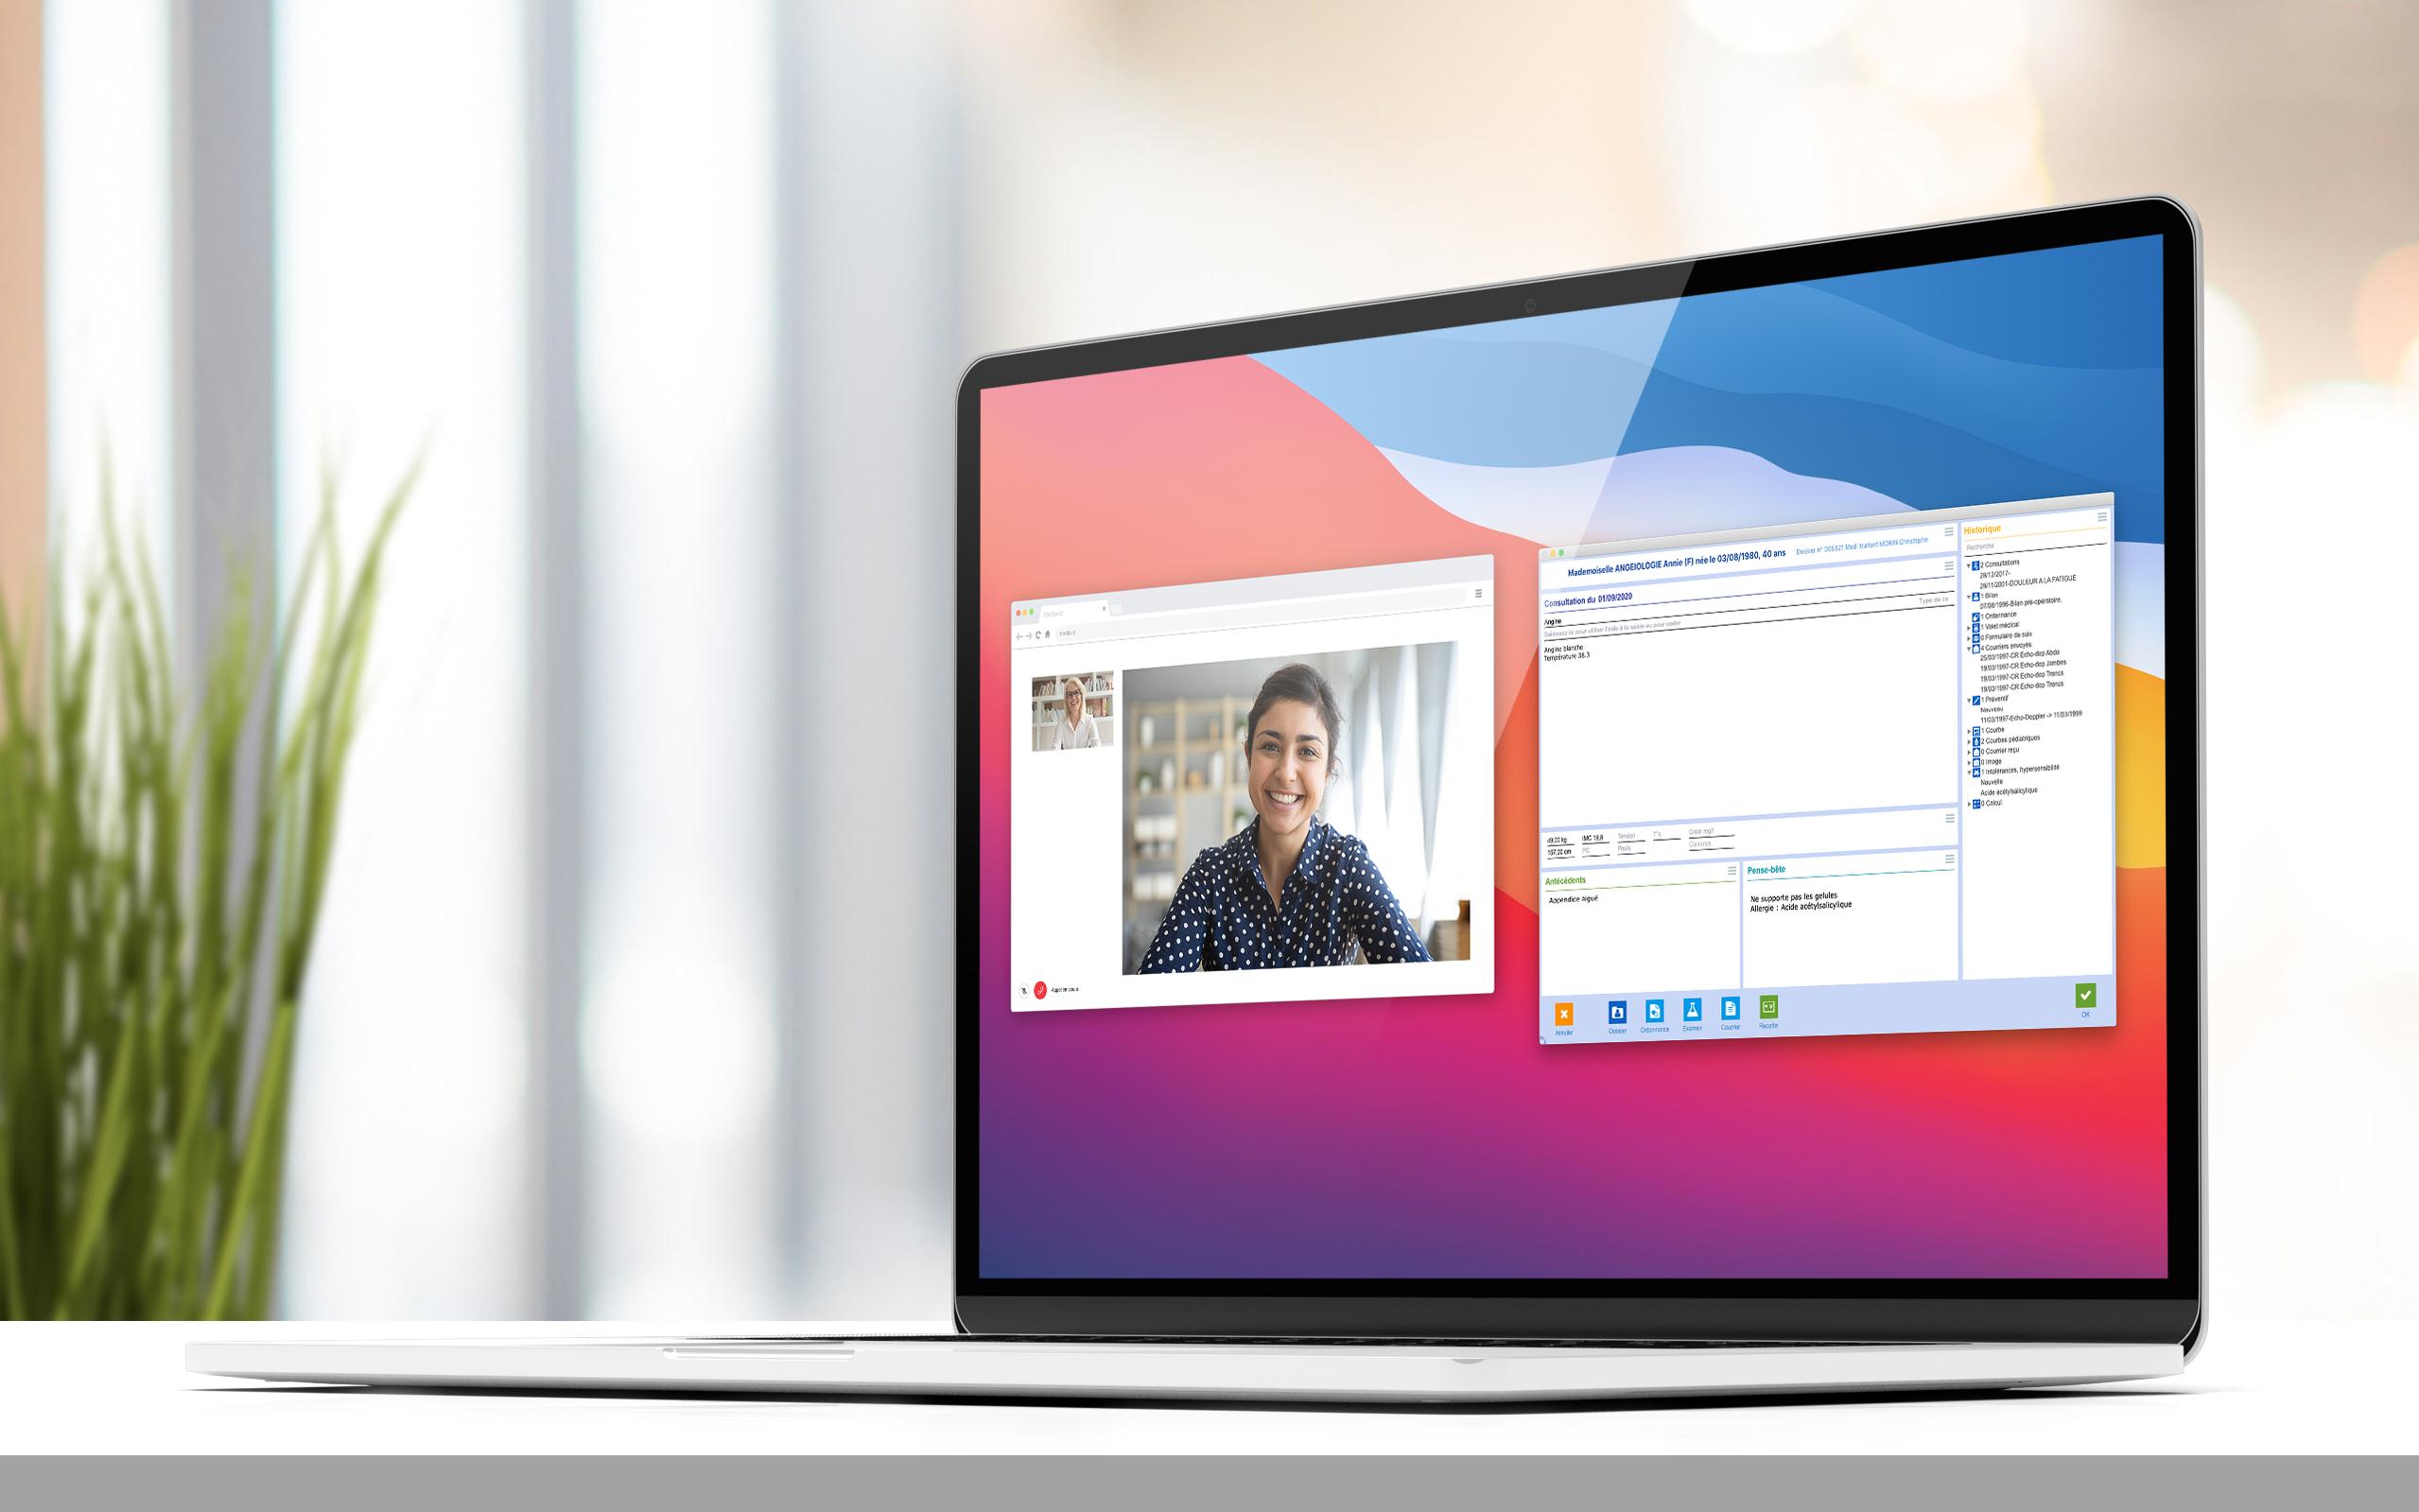 Médimust et Medvaiz, téléconsultation sur un ordinateur portable Mac